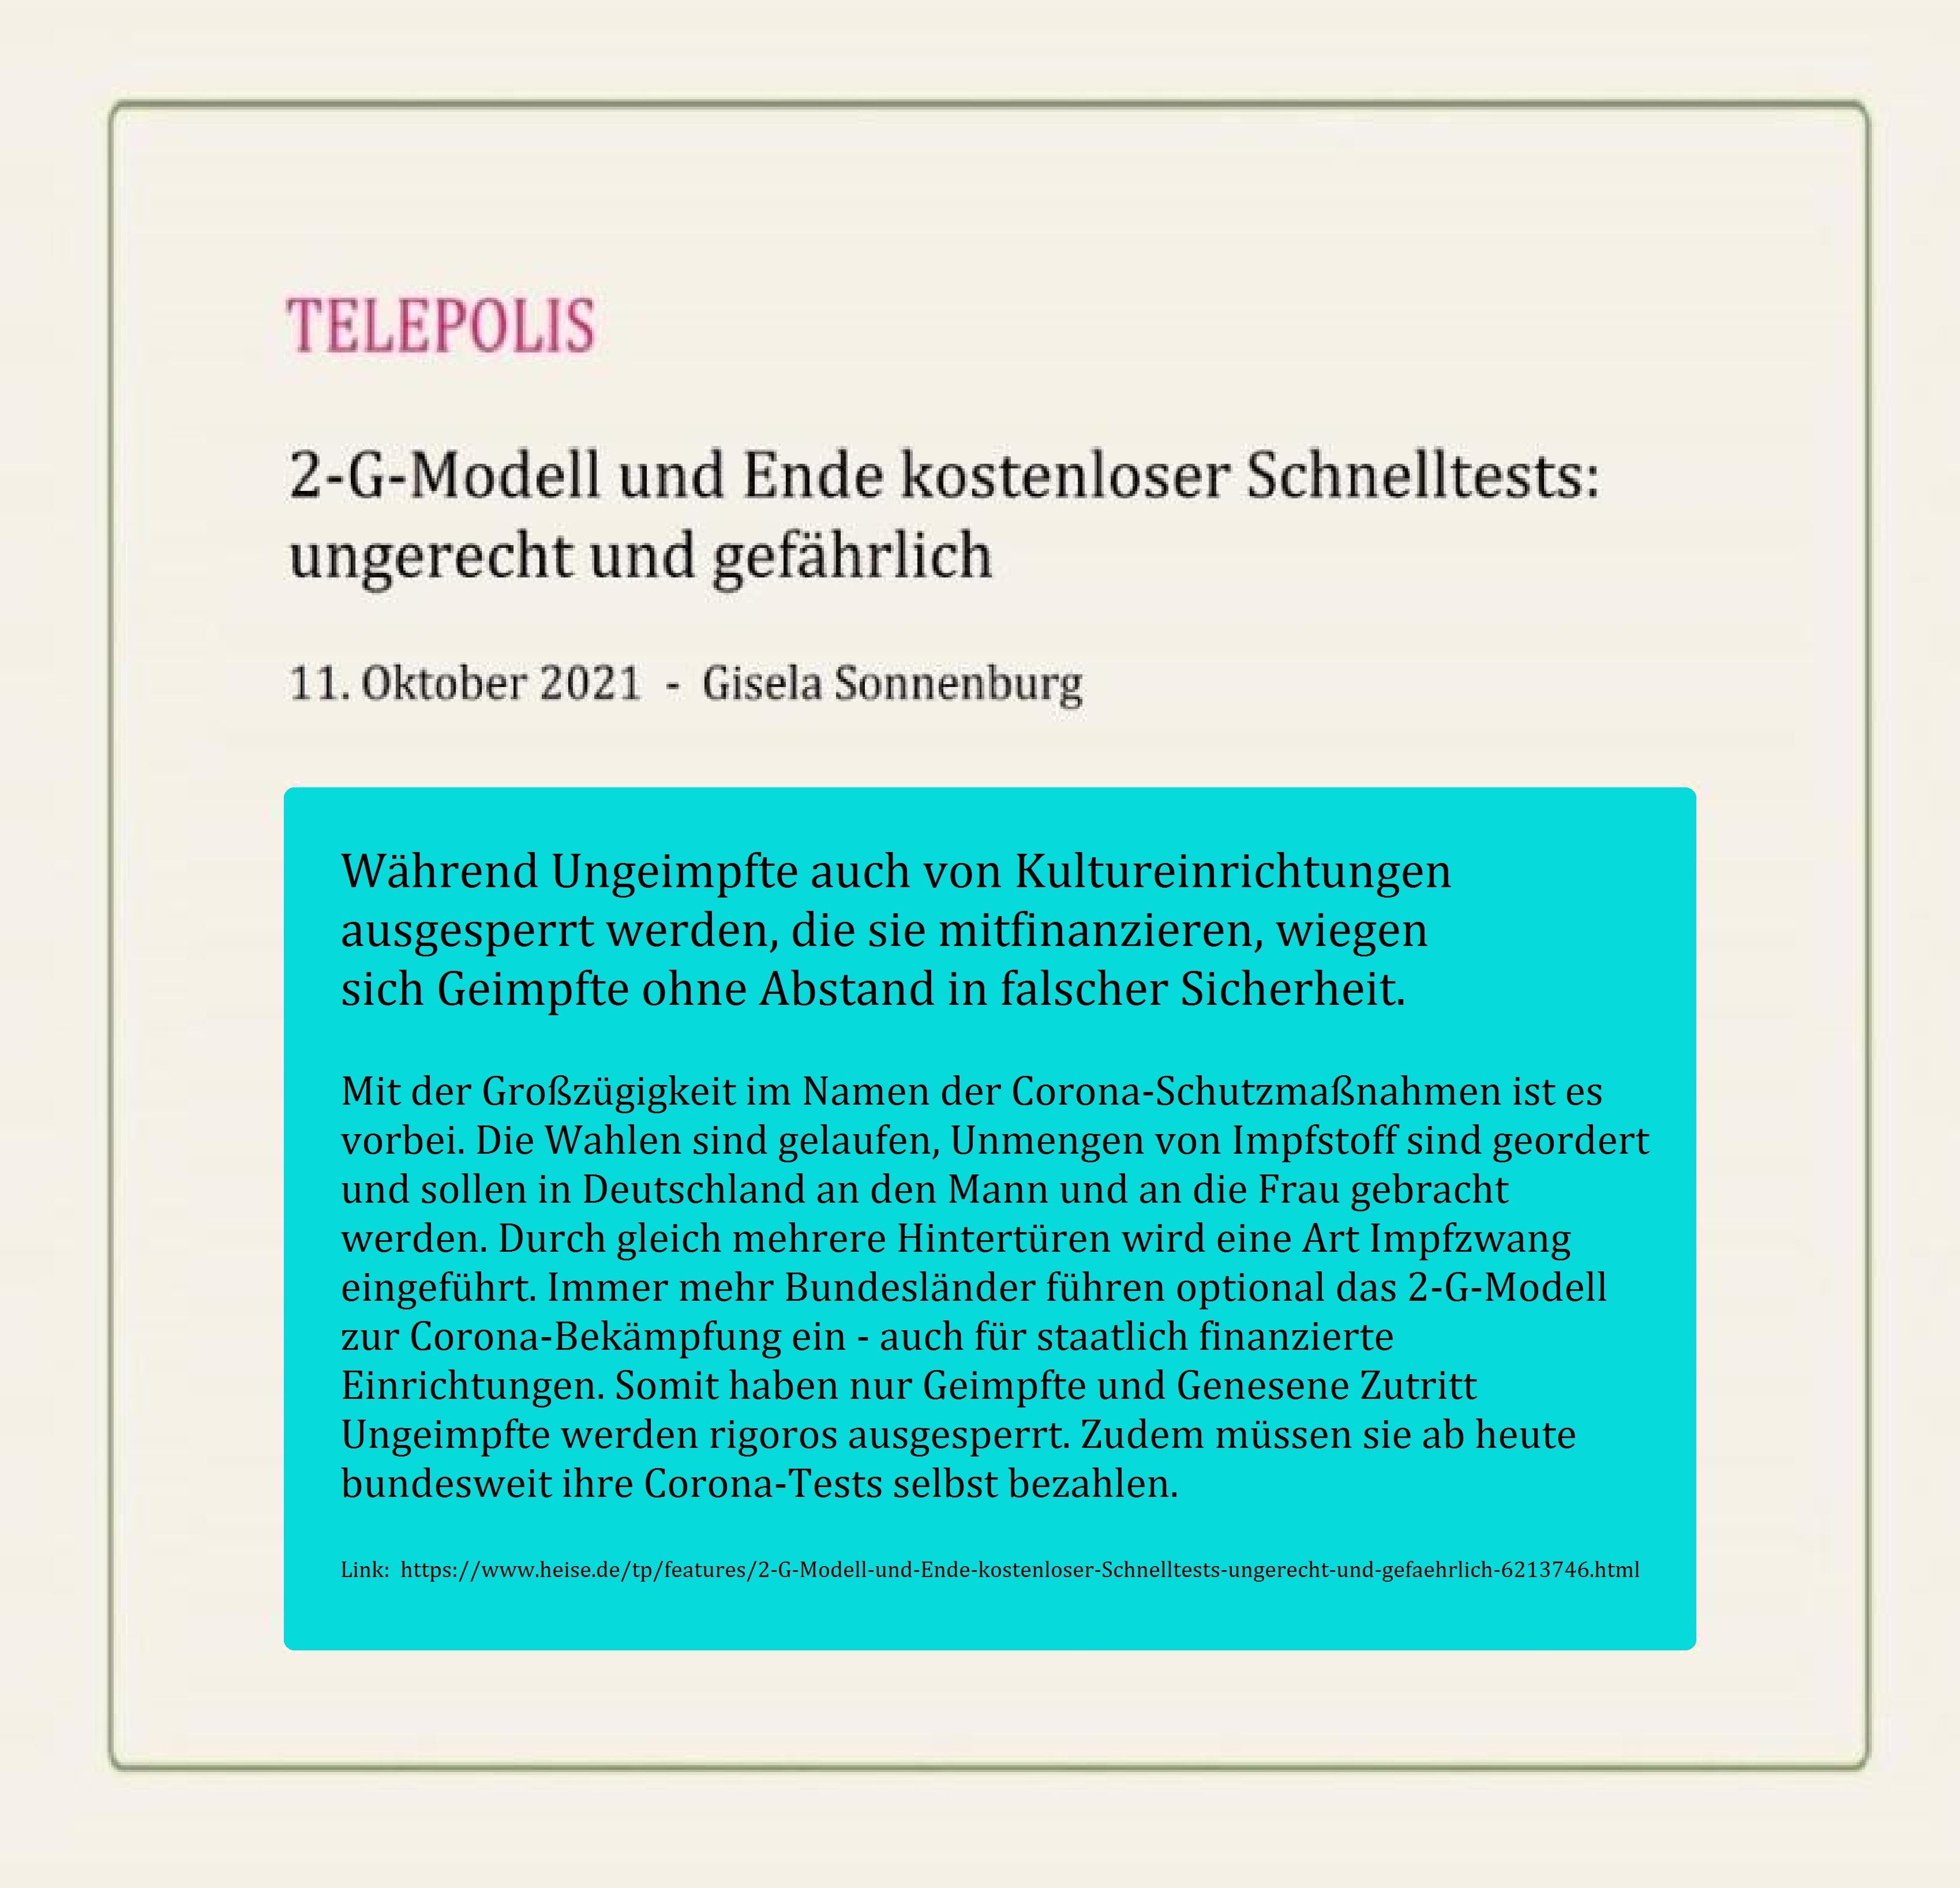 2-G-Modell und Ende kostenloser Schnelltests: ungerecht und gefährlich - Während Ungeimpfte auch von Kultureinrichtungen ausgesperrt werden, die sie mitfinanzieren, wiegen sich Geimpfte ohne Abstand in falscher Sicherheit - Gisela Sonnenburg  - TELEPOLIS - 11. Oktober 2021 - Link: https://www.heise.de/tp/features/2-G-Modell-und-Ende-kostenloser-Schnelltests-ungerecht-und-gefaehrlich-6213746.html